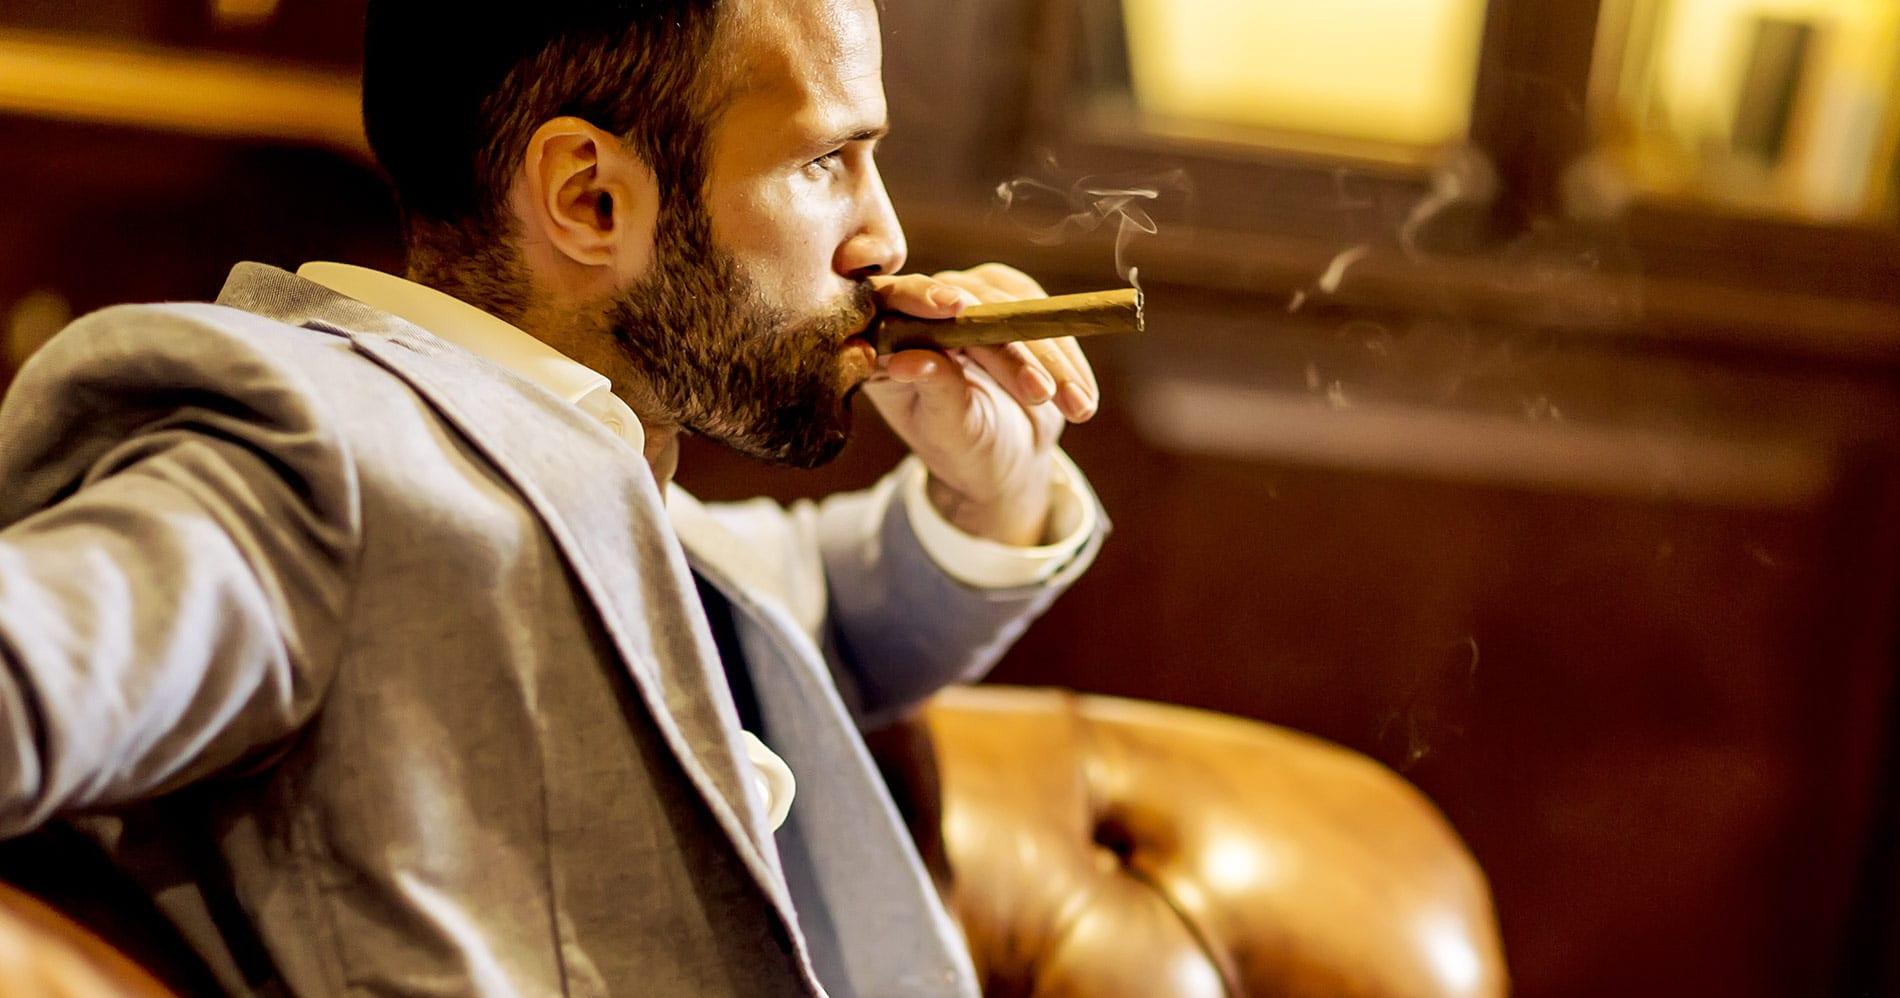 Idee regalo per i papà che ama fumare sigarette, sigari o pipa